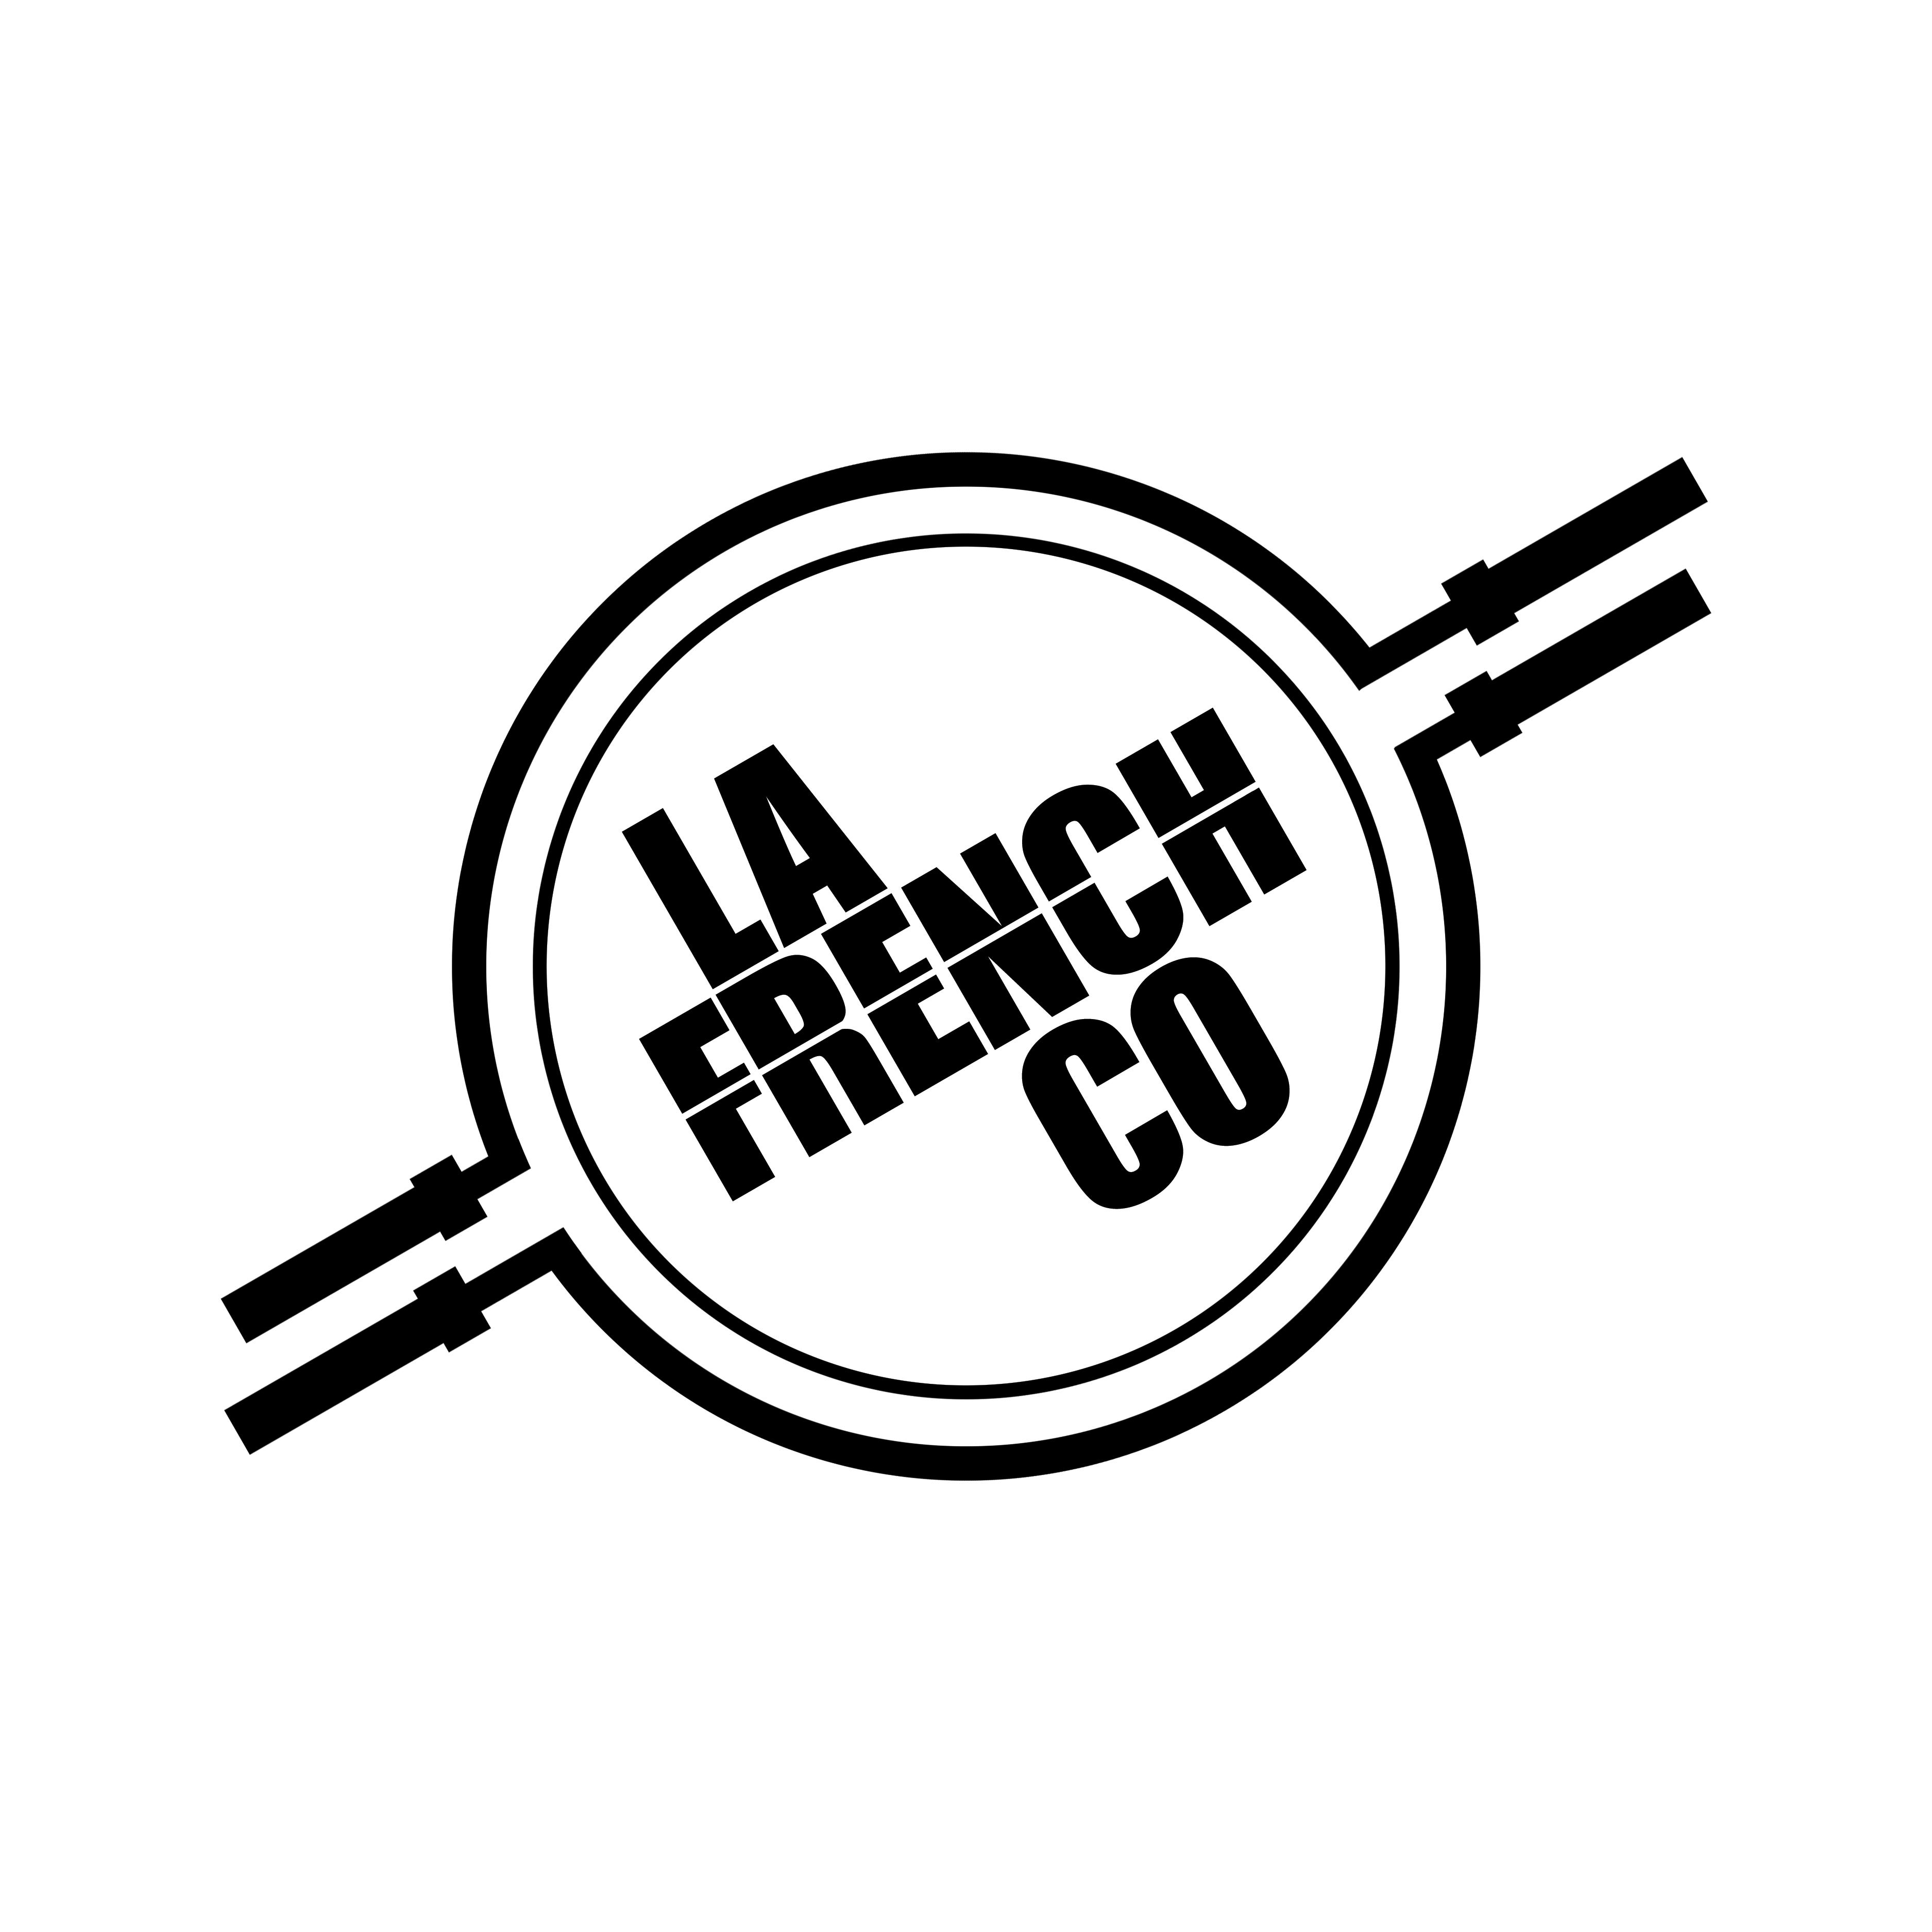 Un nouveau Logo pour La French Co !